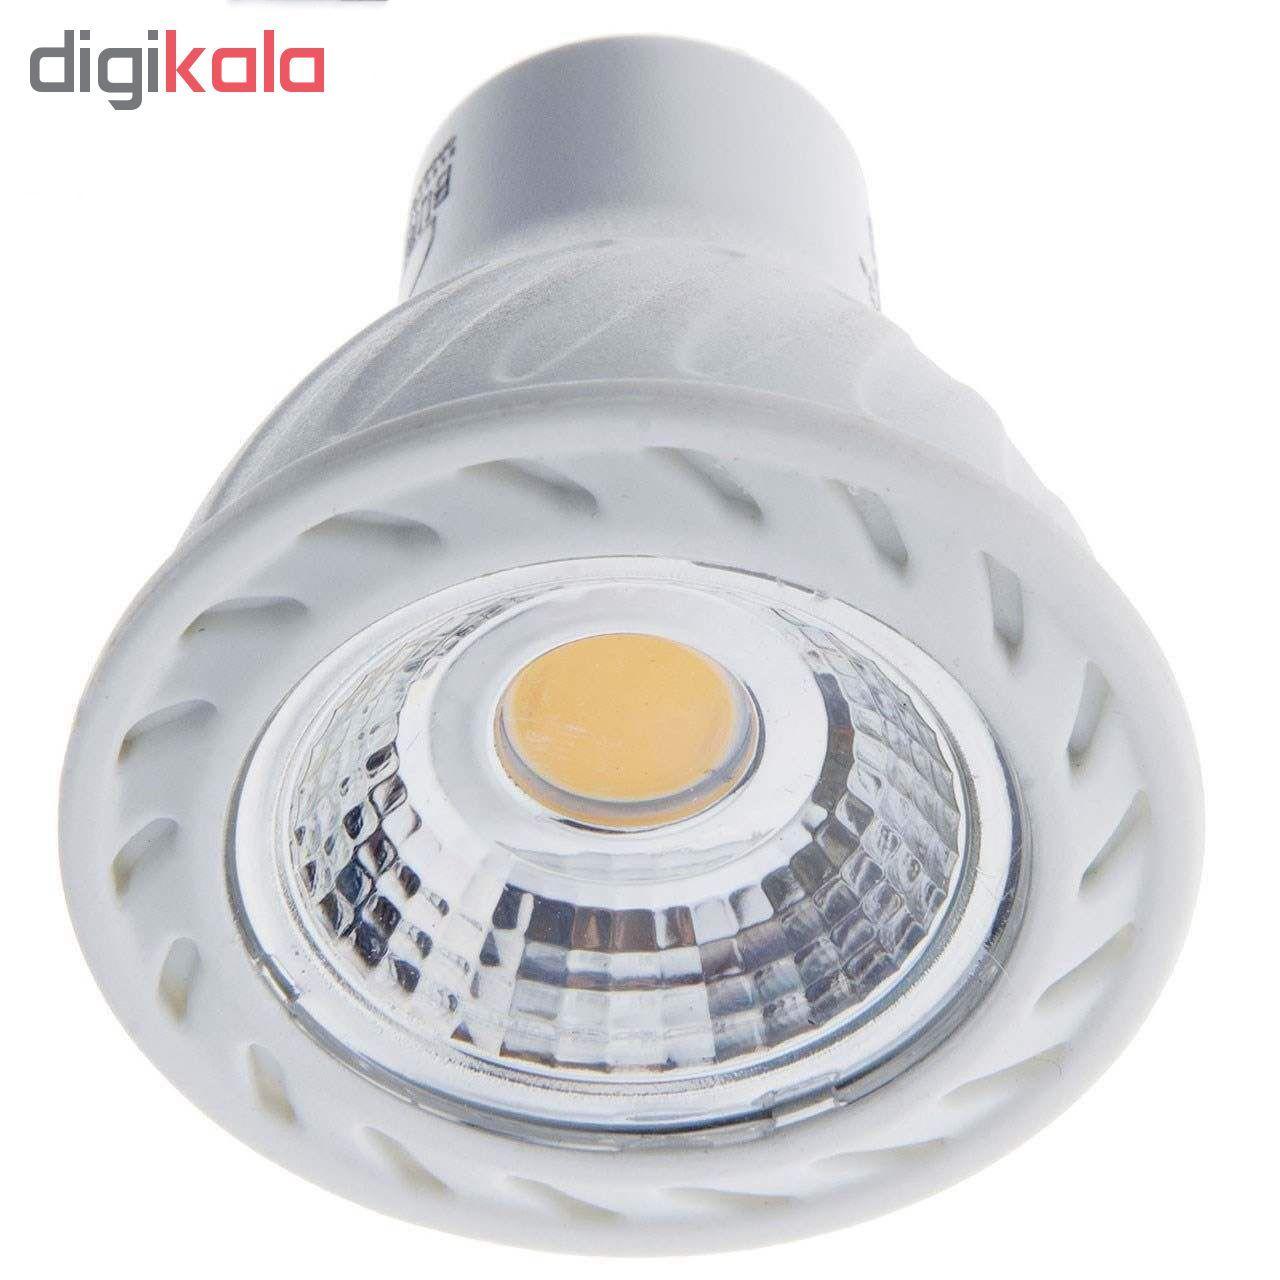 لامپ هالوژن 7 وات مدل FH پایه MR16 main 1 1